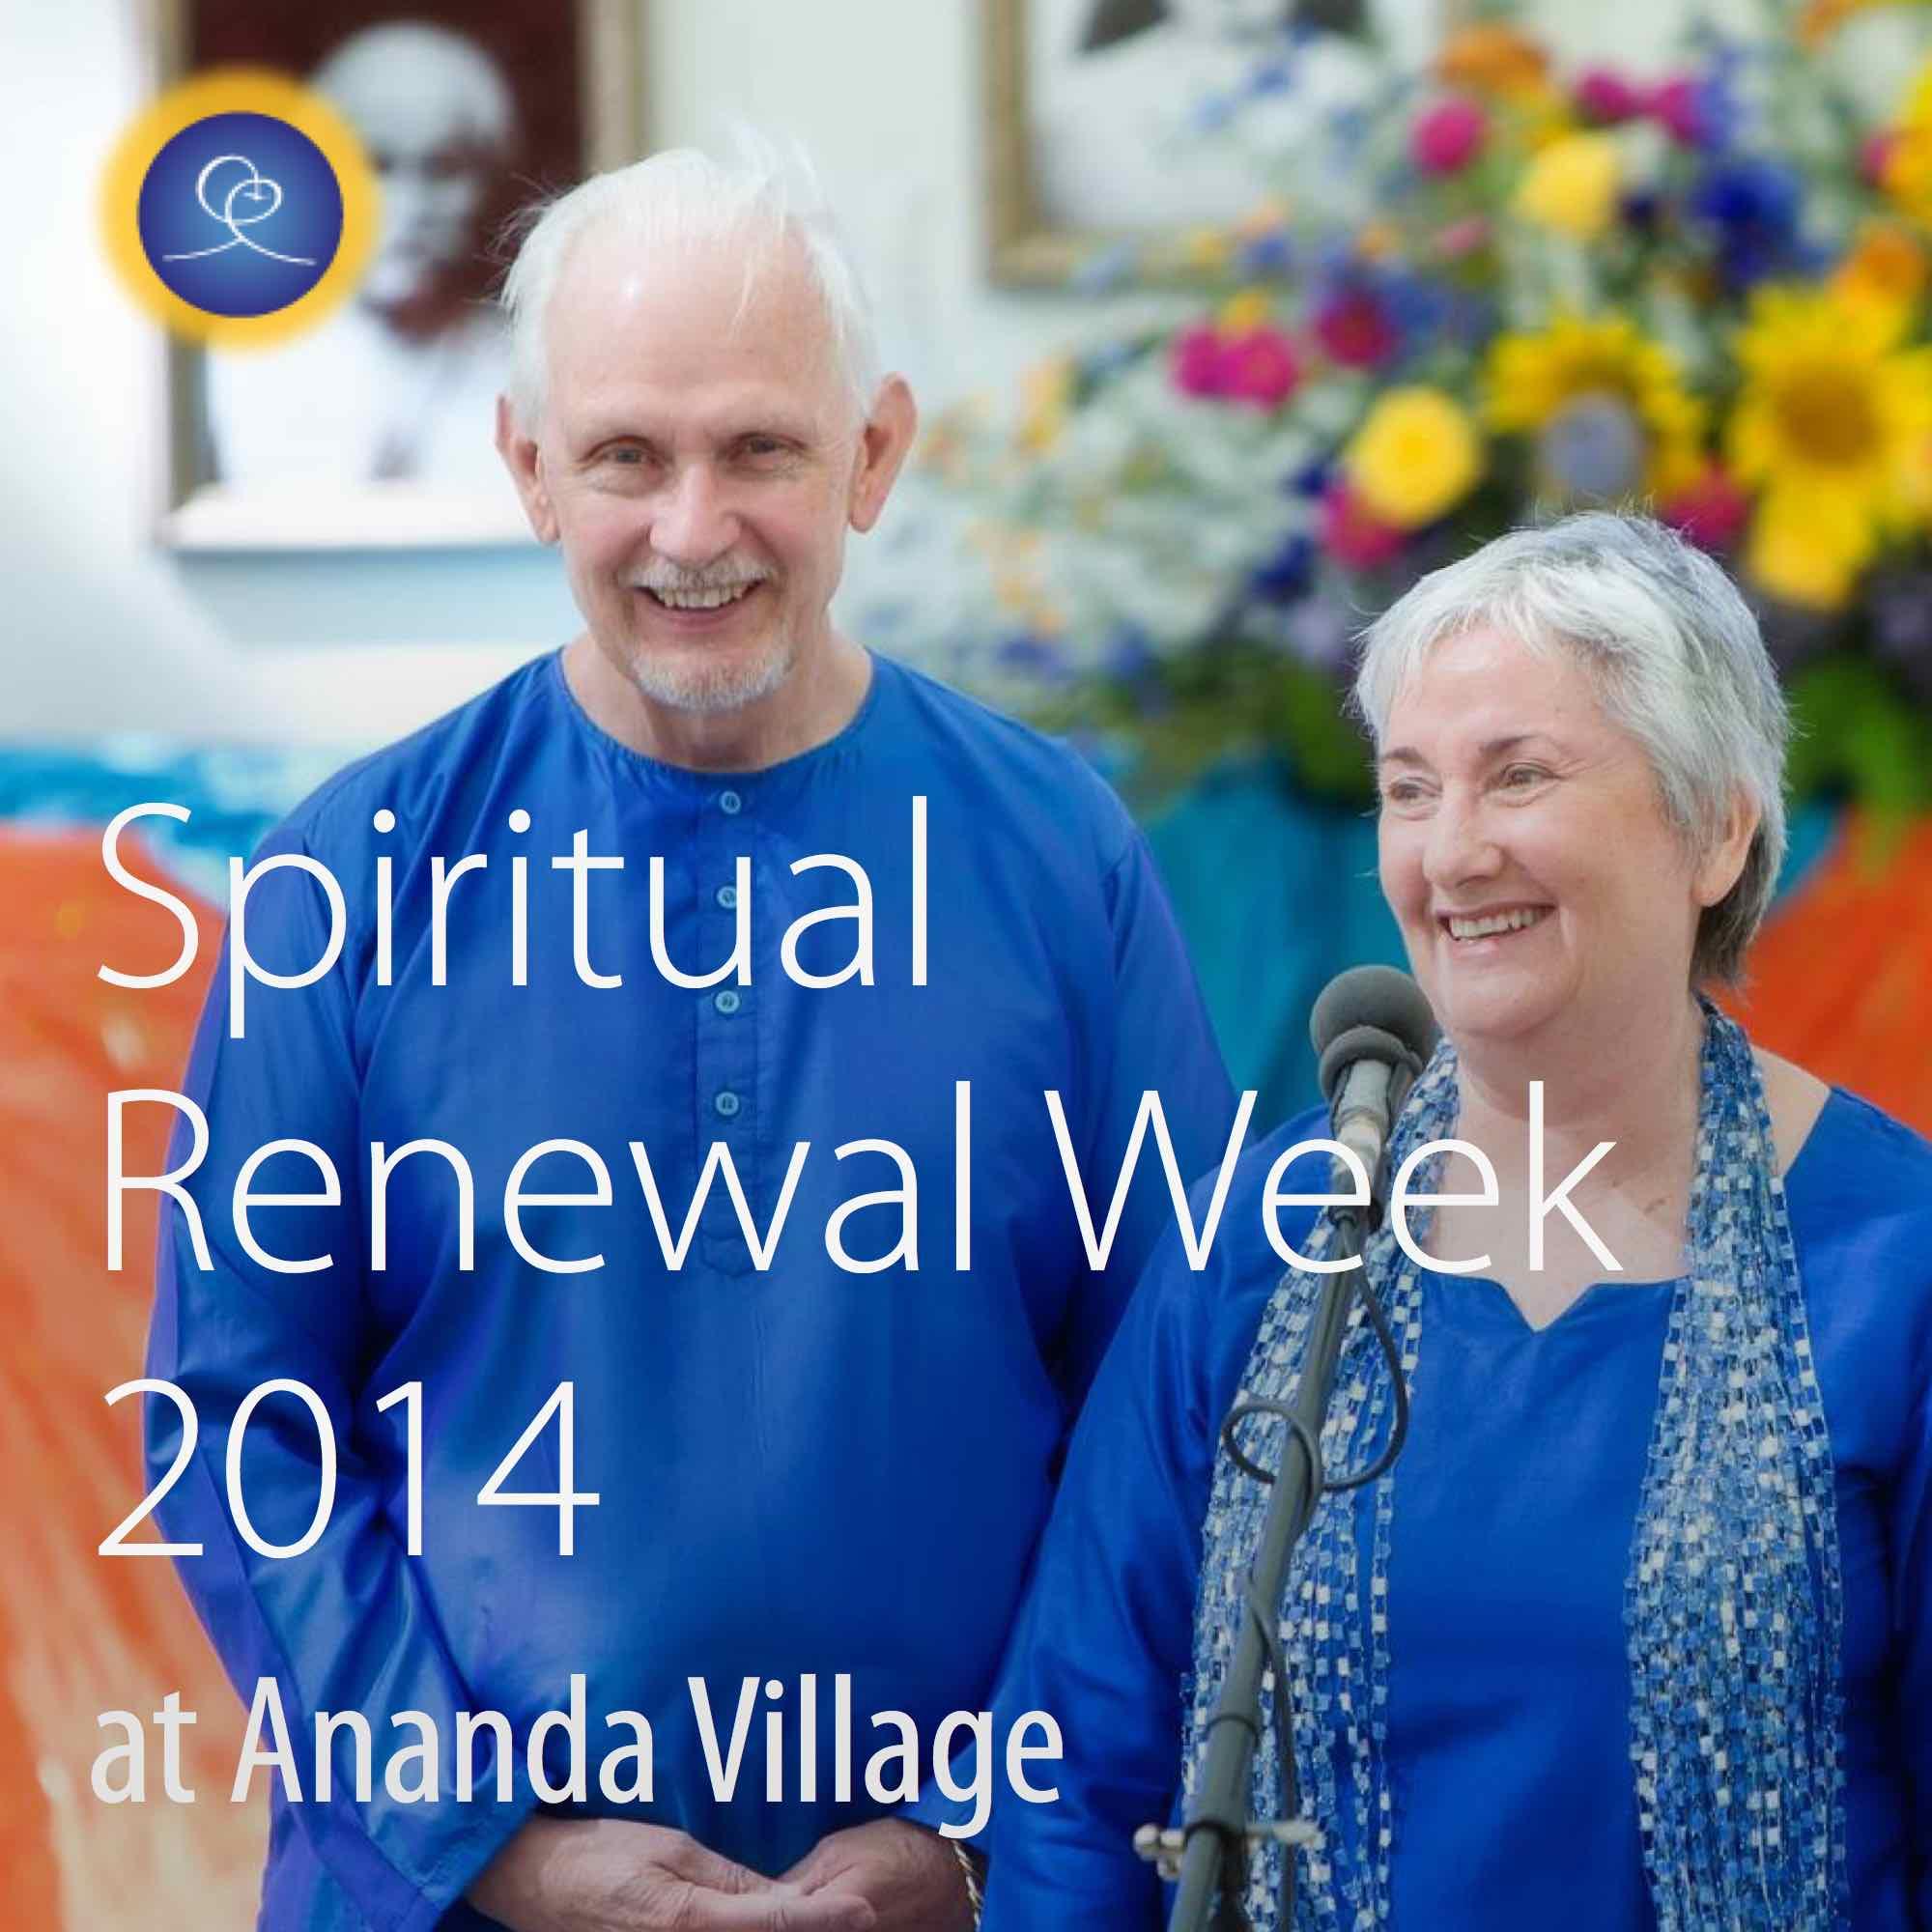 Spiritual Renewal Week, 2014